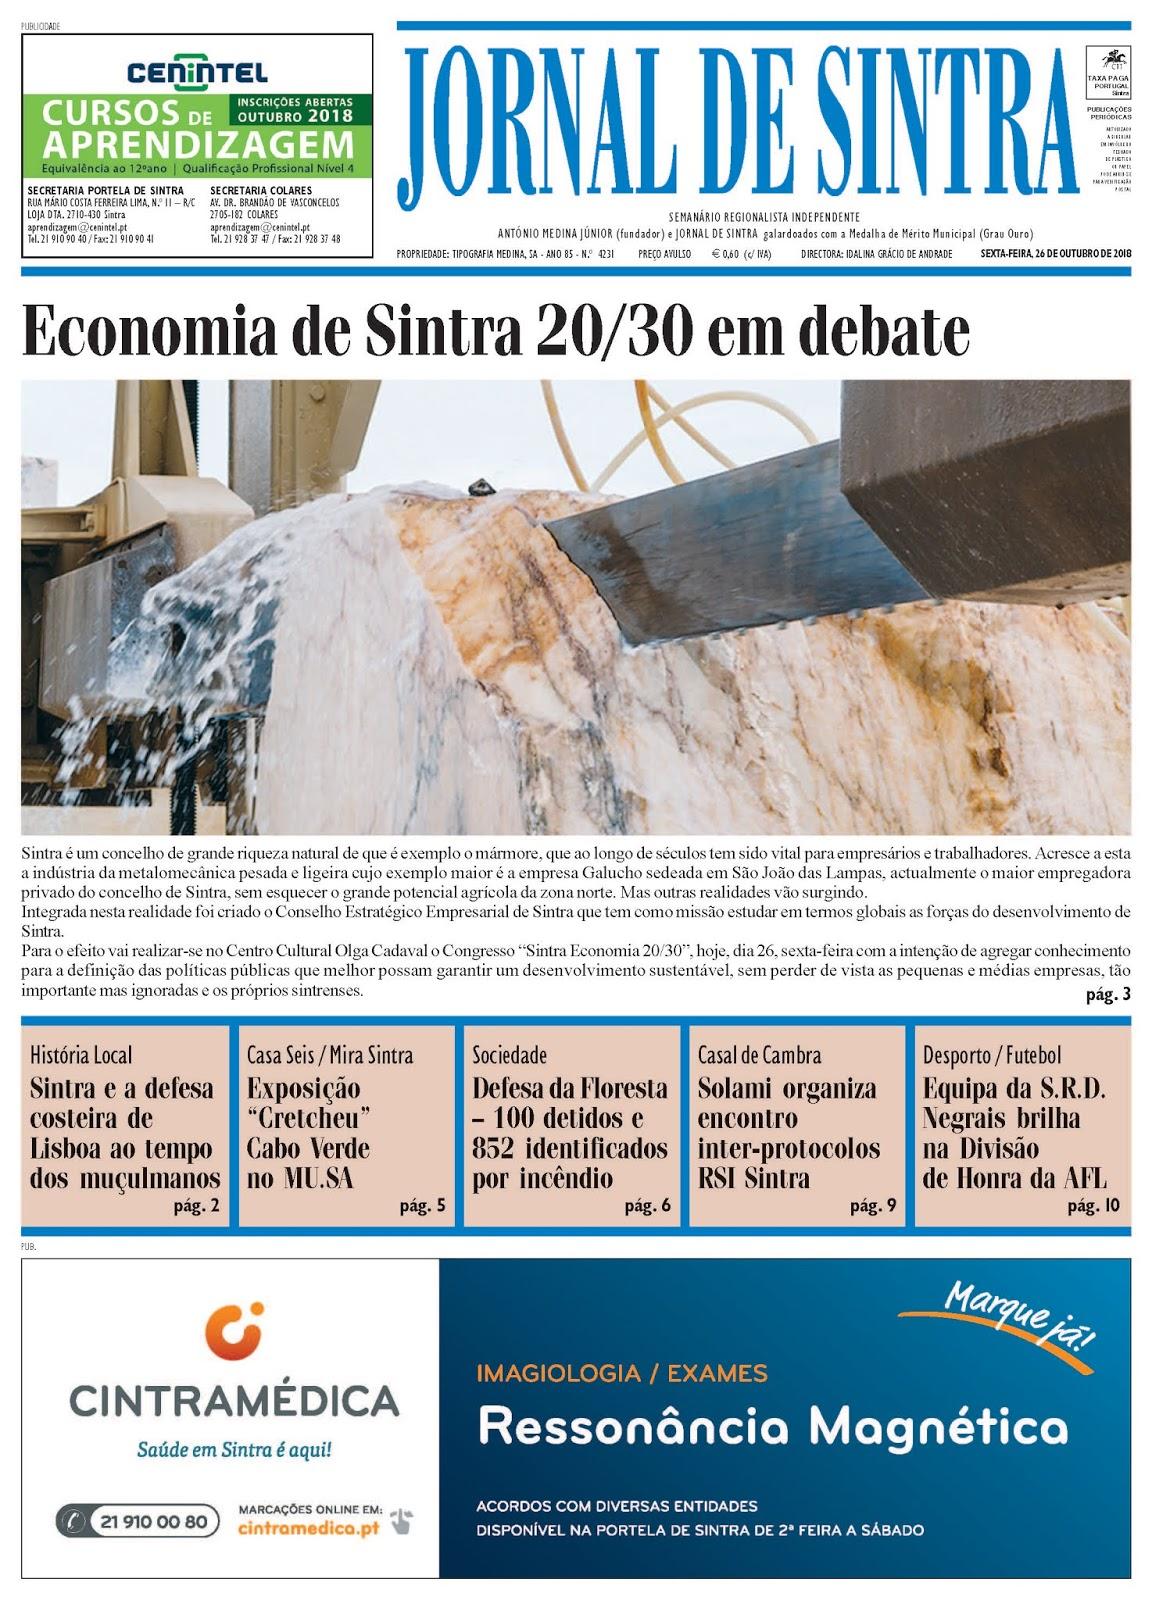 Capa da edição de 26-10-2018